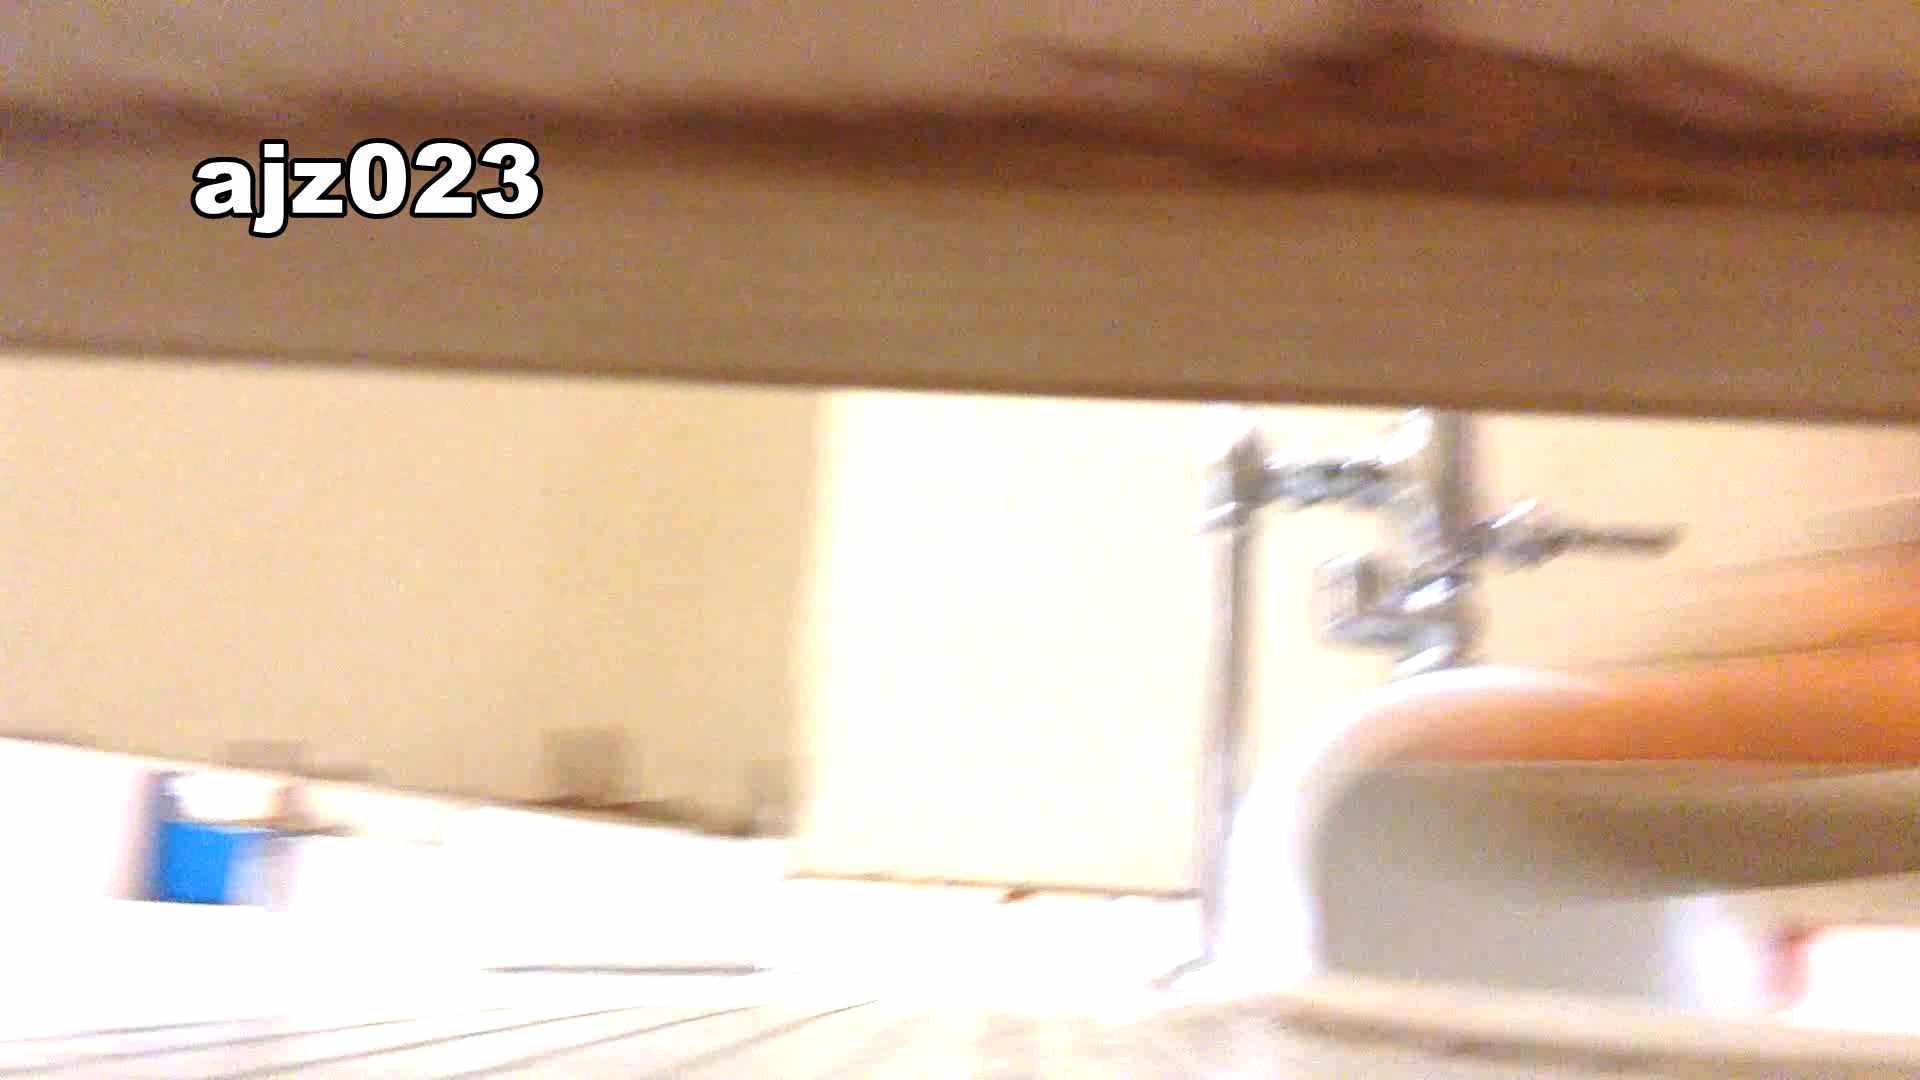 某有名大学女性洗面所 vol.23 和式 オメコ動画キャプチャ 64PIX 51